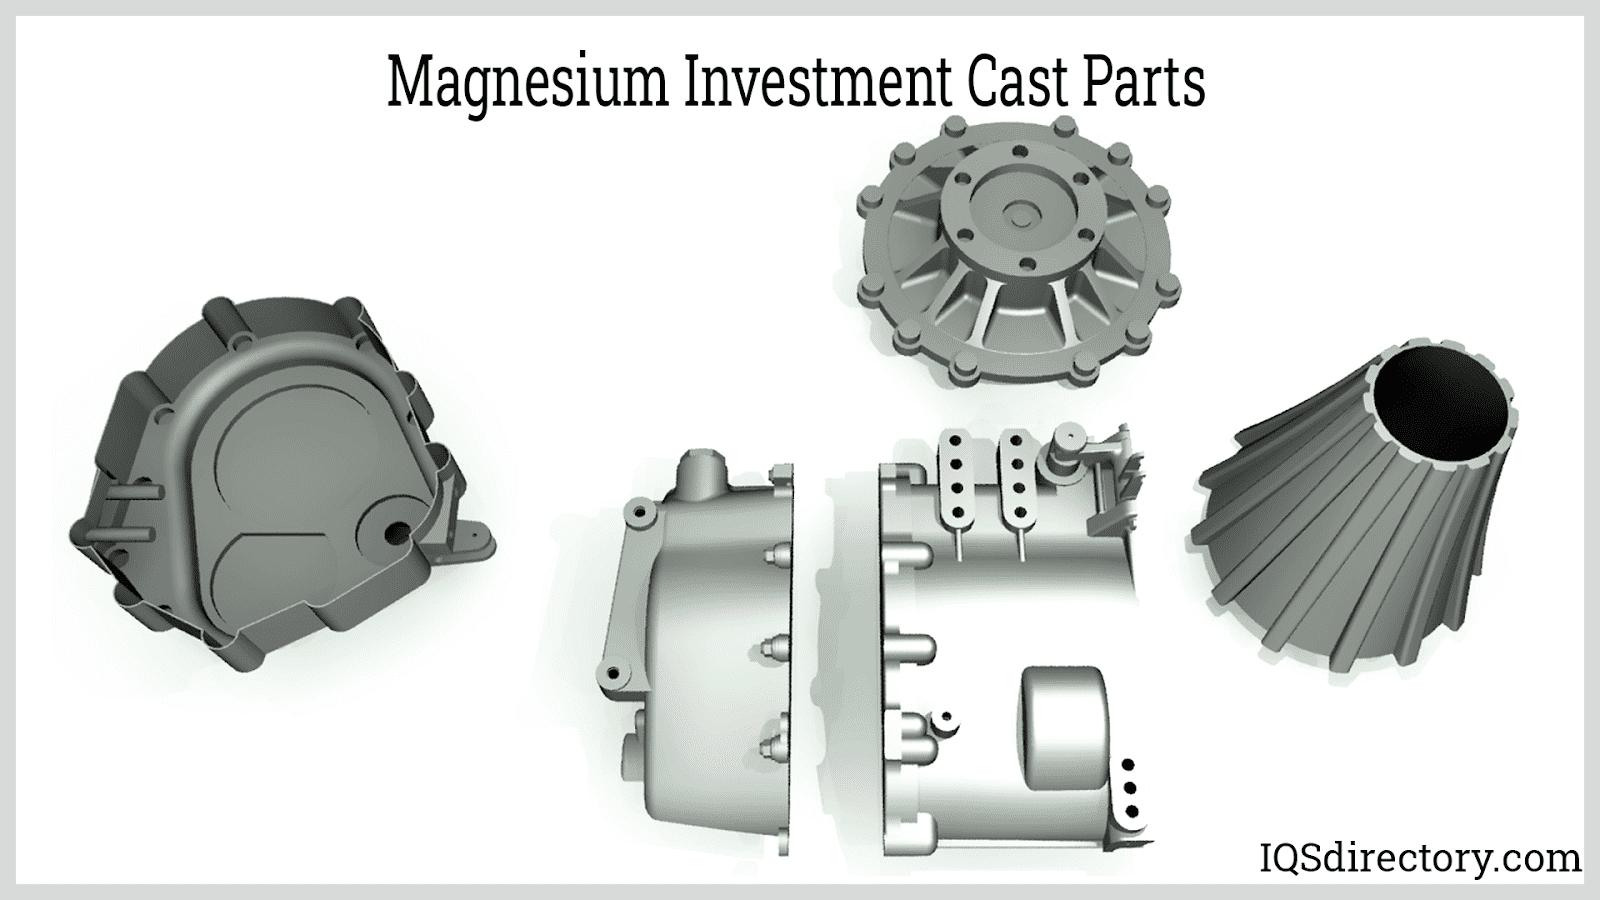 Magnesium Investment Cast Parts